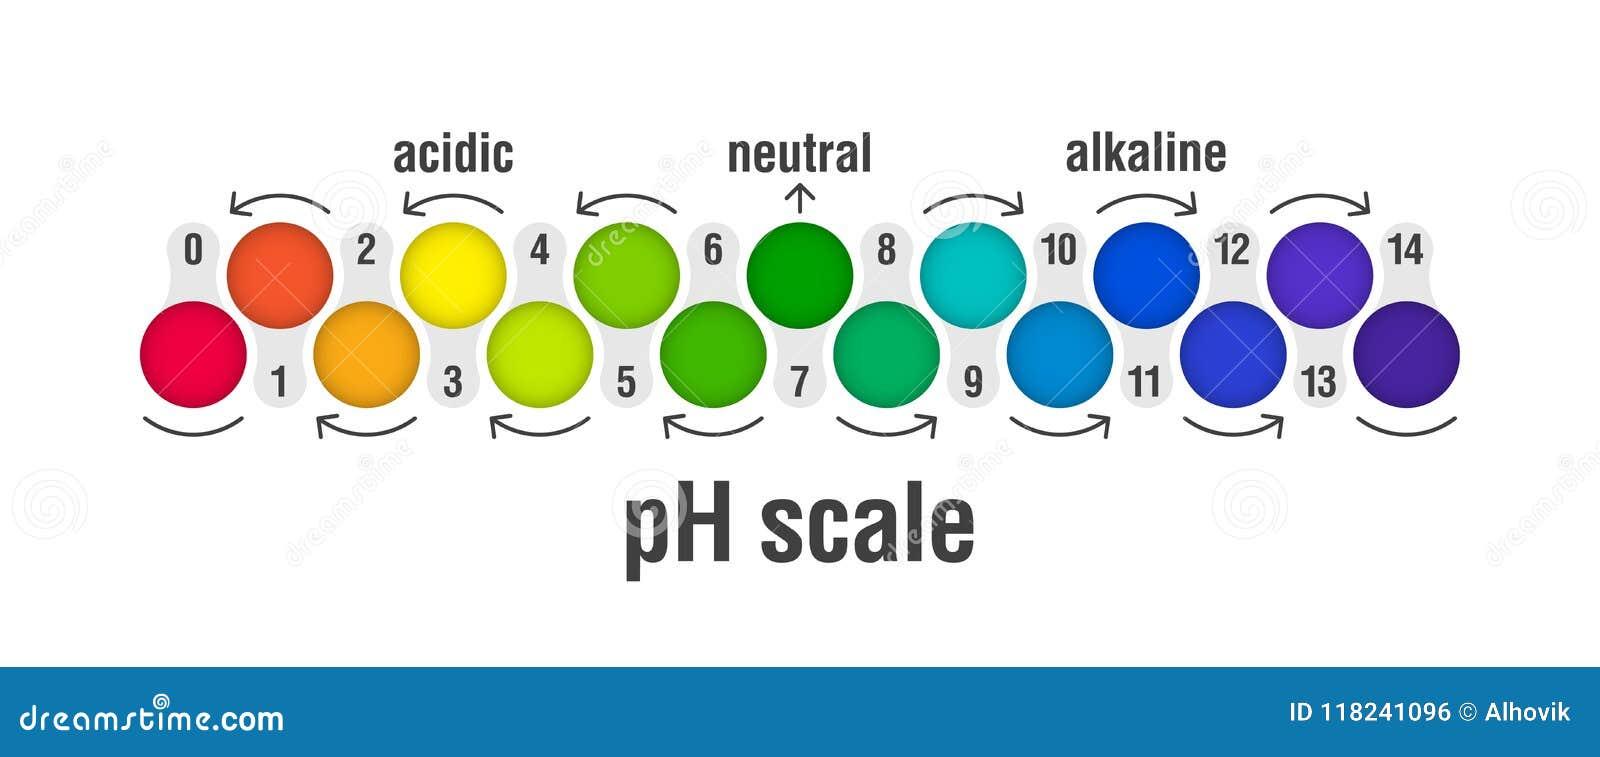 Διάγραμμα κλίμακας αξίας pH